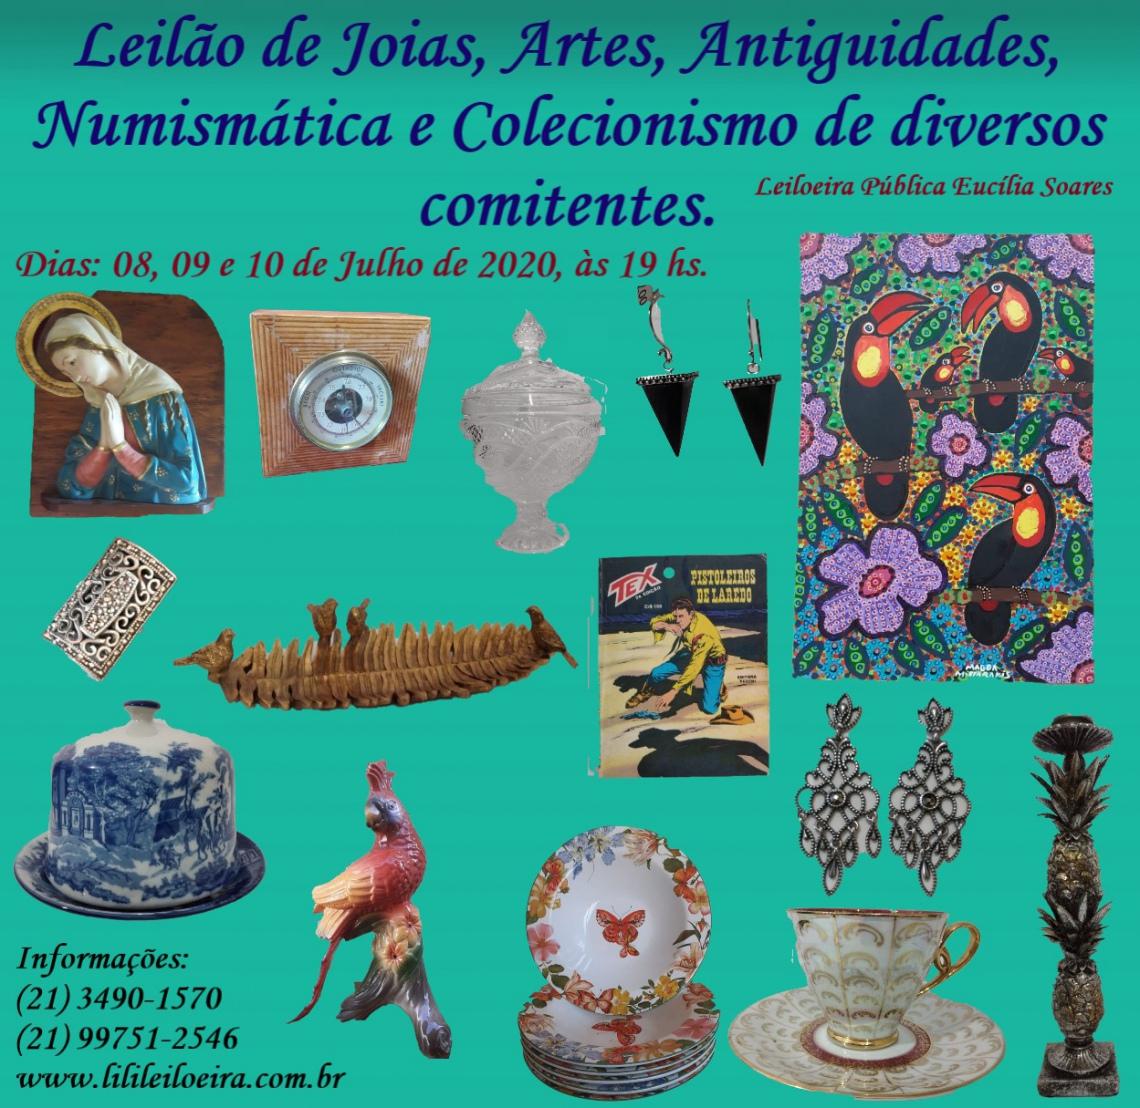 LEILÃO DE JOIAS, ARTES, ANTIGUIDADES, NUMISMÁTICA E COLECIONISMO DE DIVERSOS COMITENTES.